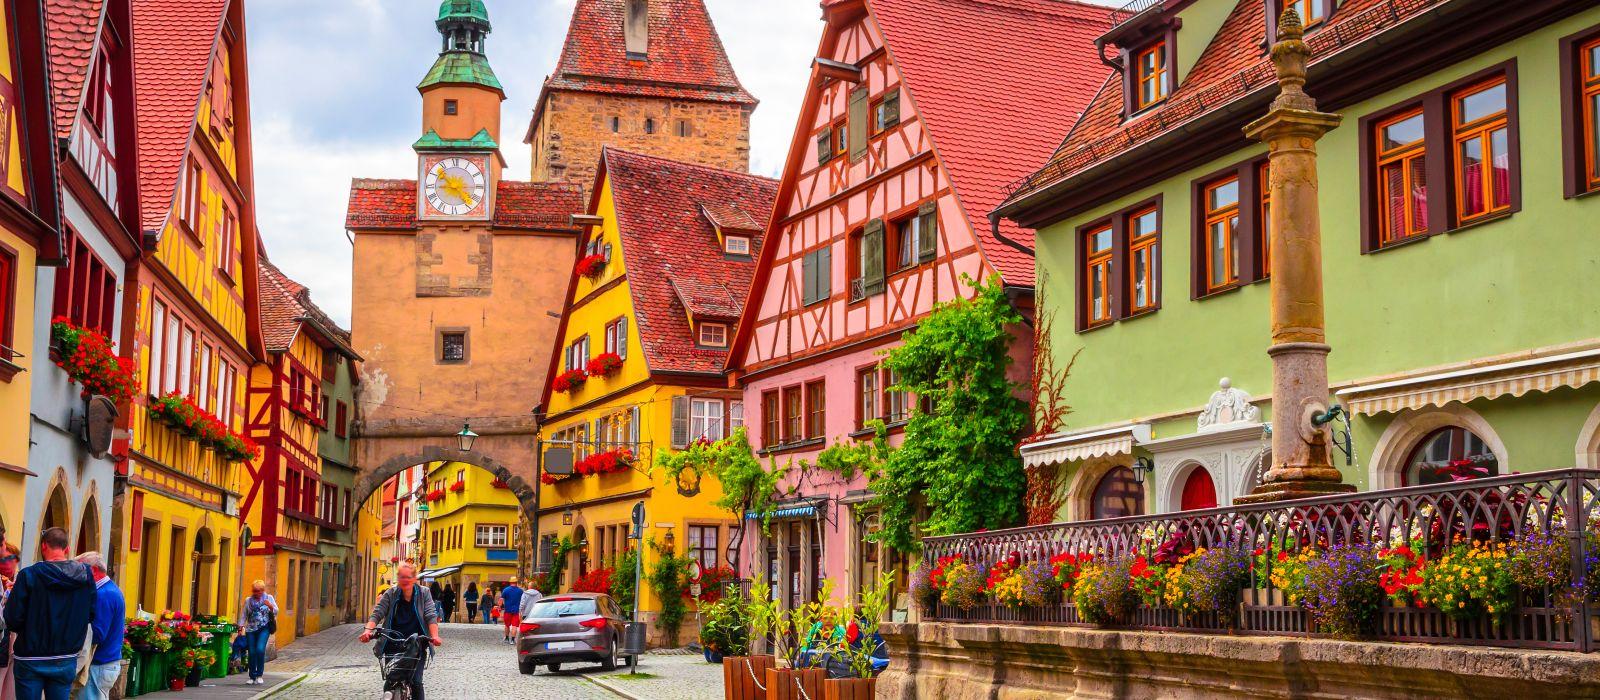 Hotel Villa Mittermeier Germany